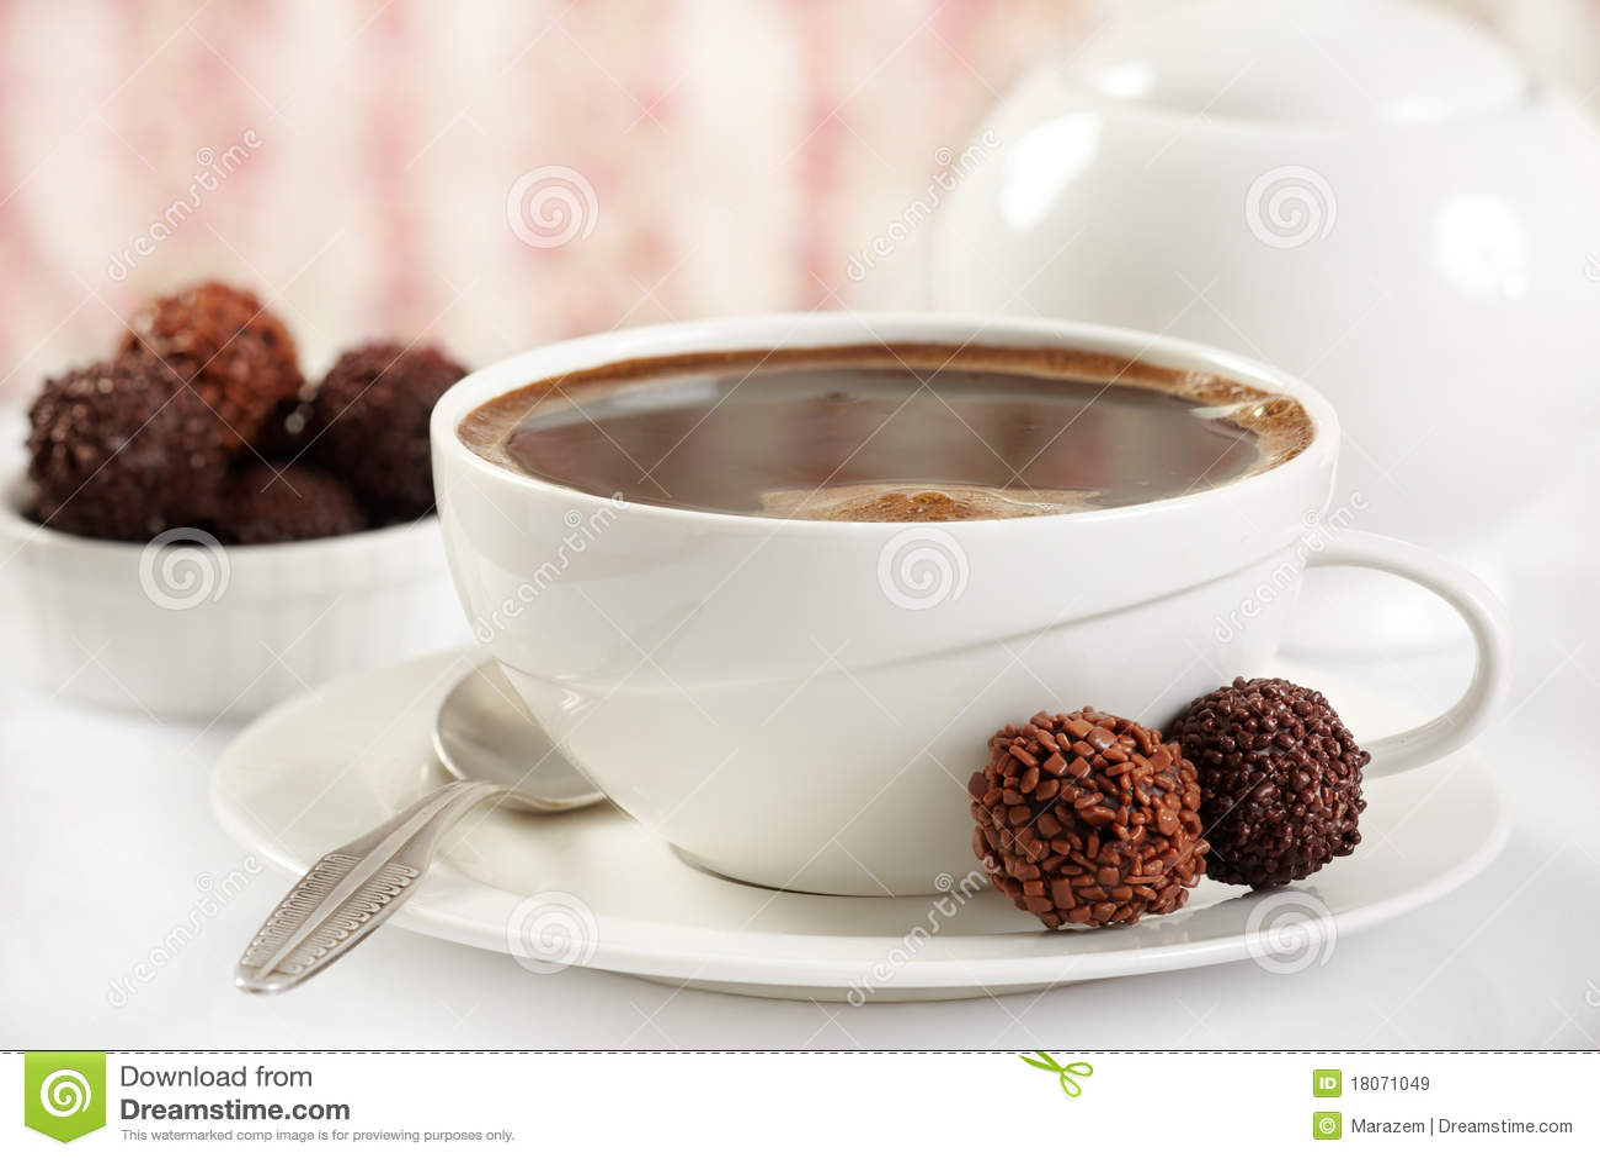 Trufas del café y de chocolate